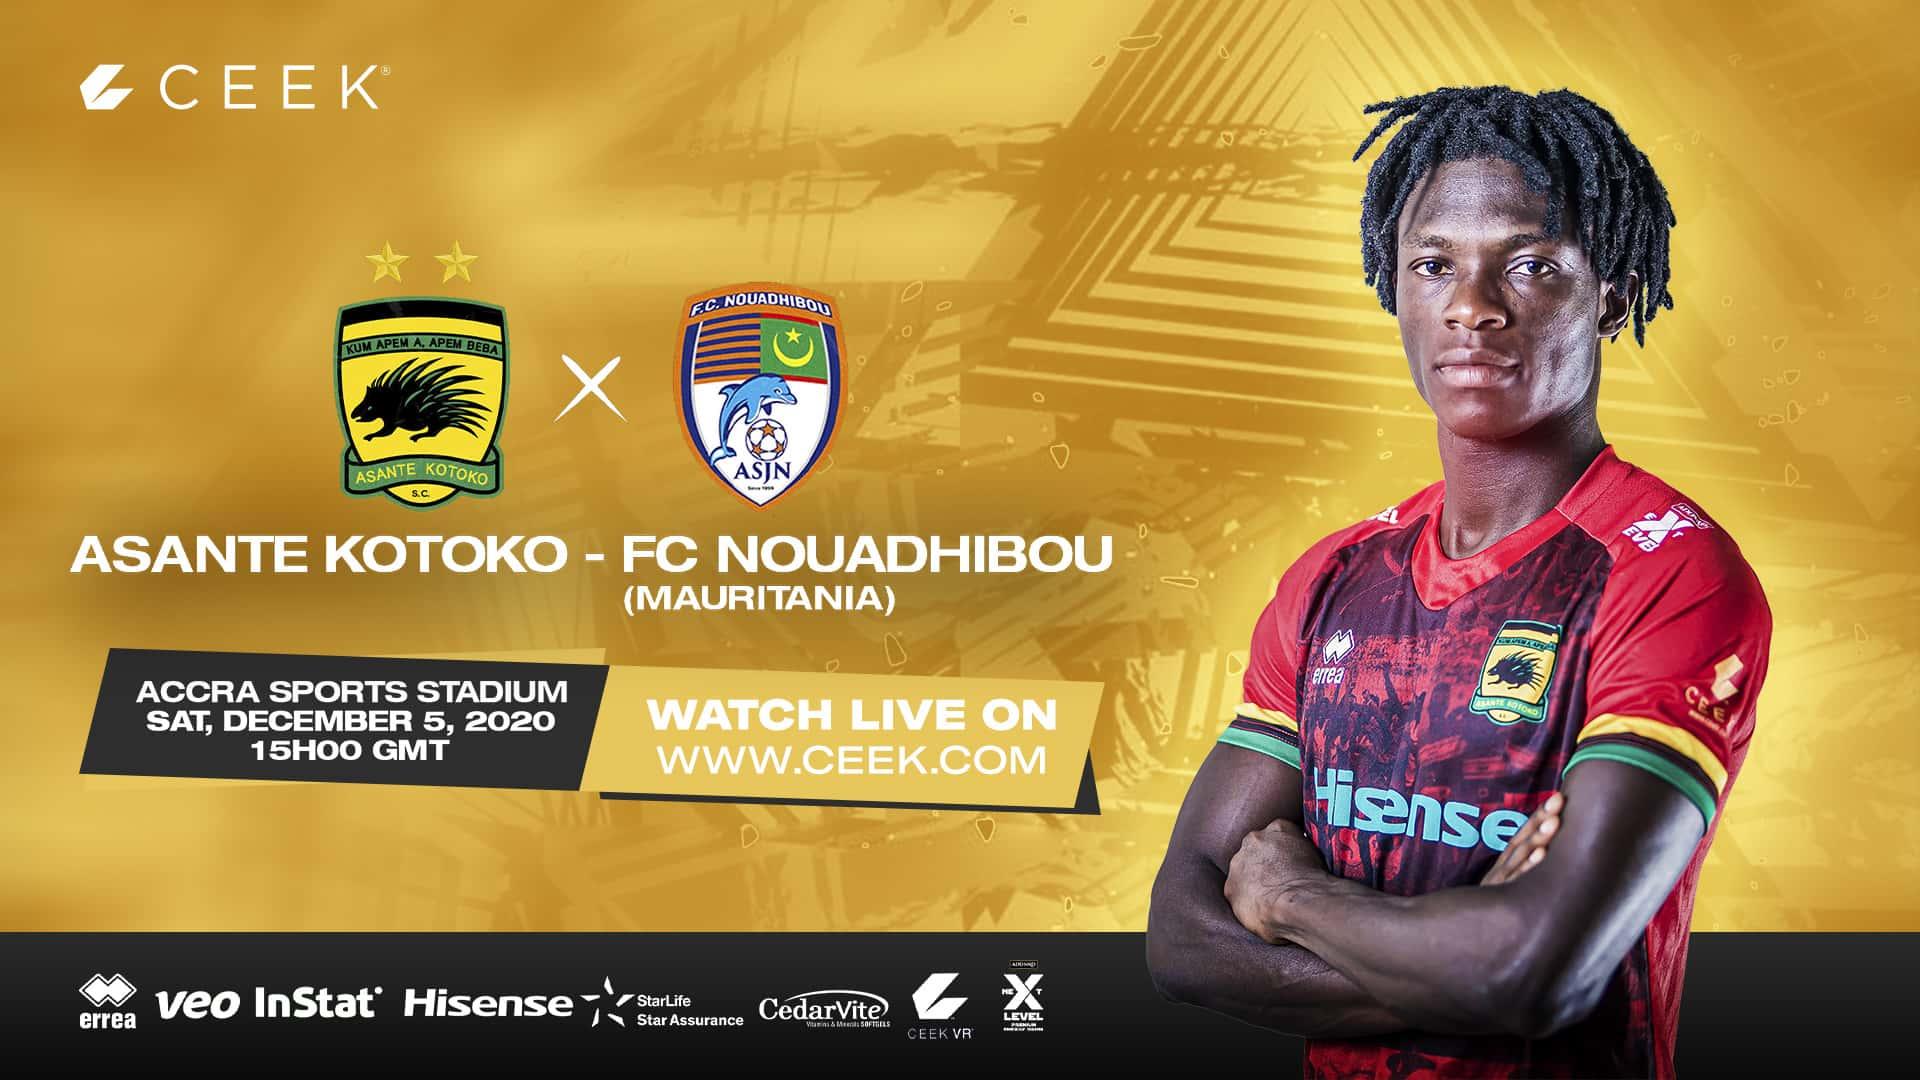 Asante Kotoko vs FC Nouadhibou